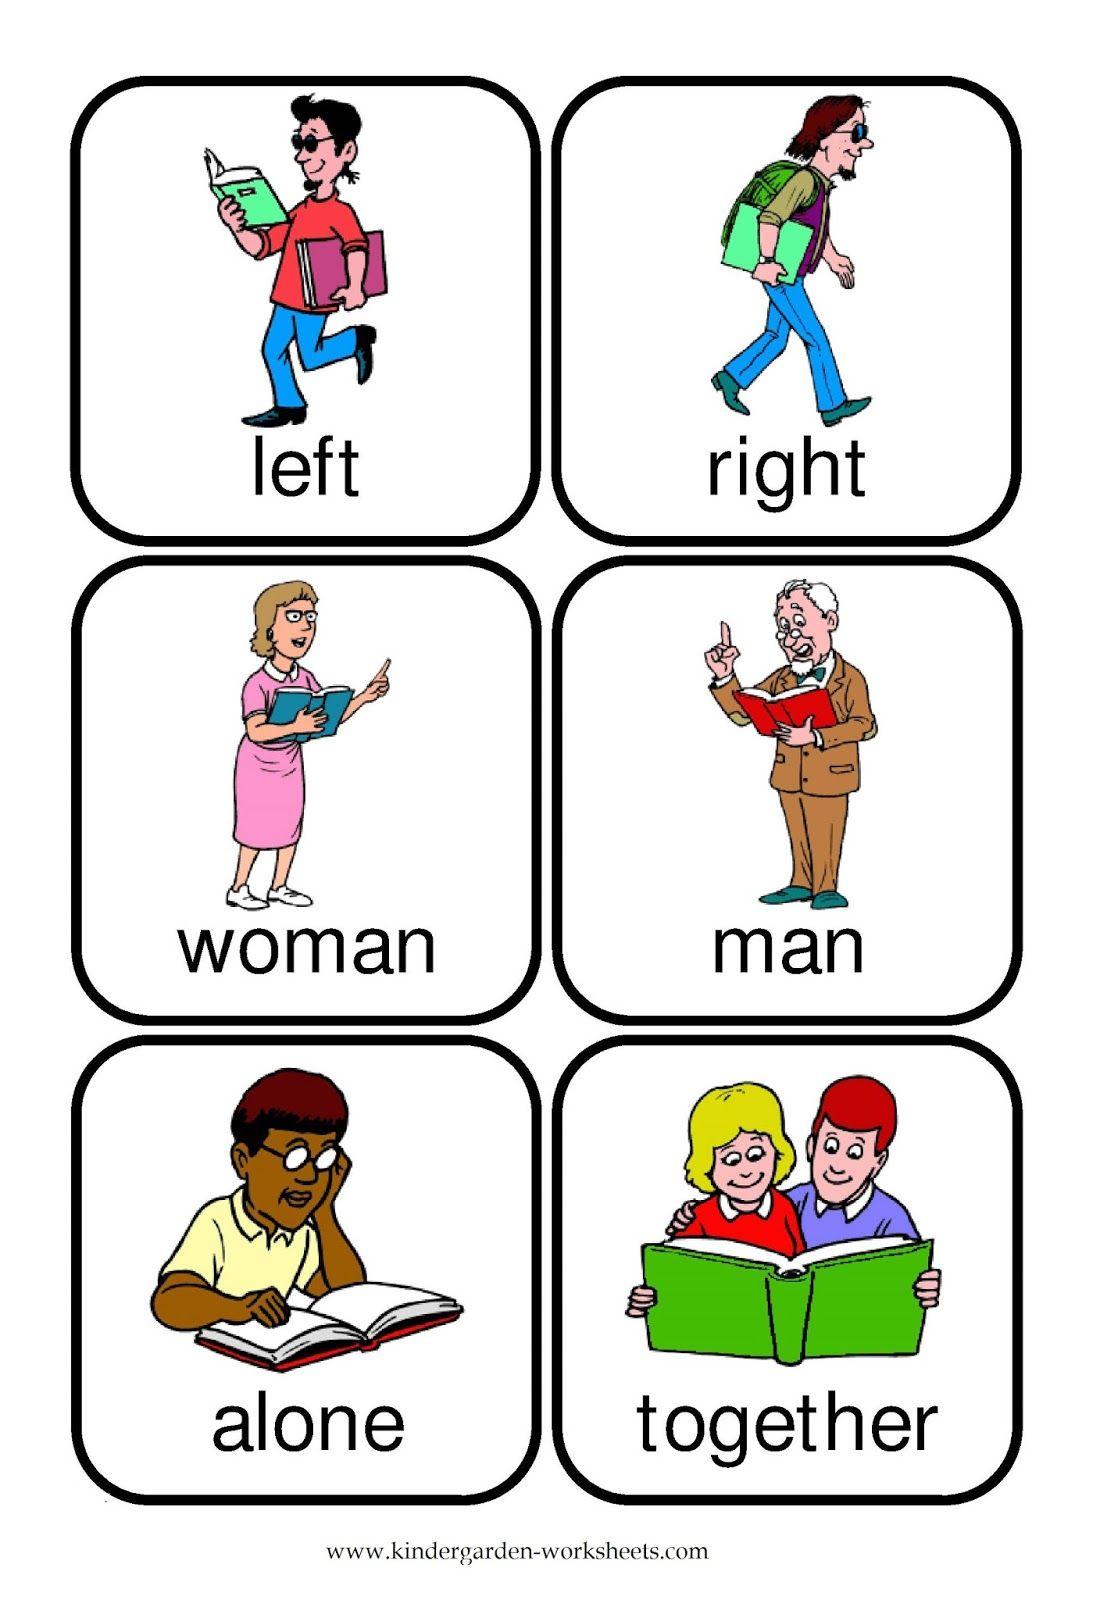 ผลการค้นหารูปภาพสำหรับ opposite words | Education ...